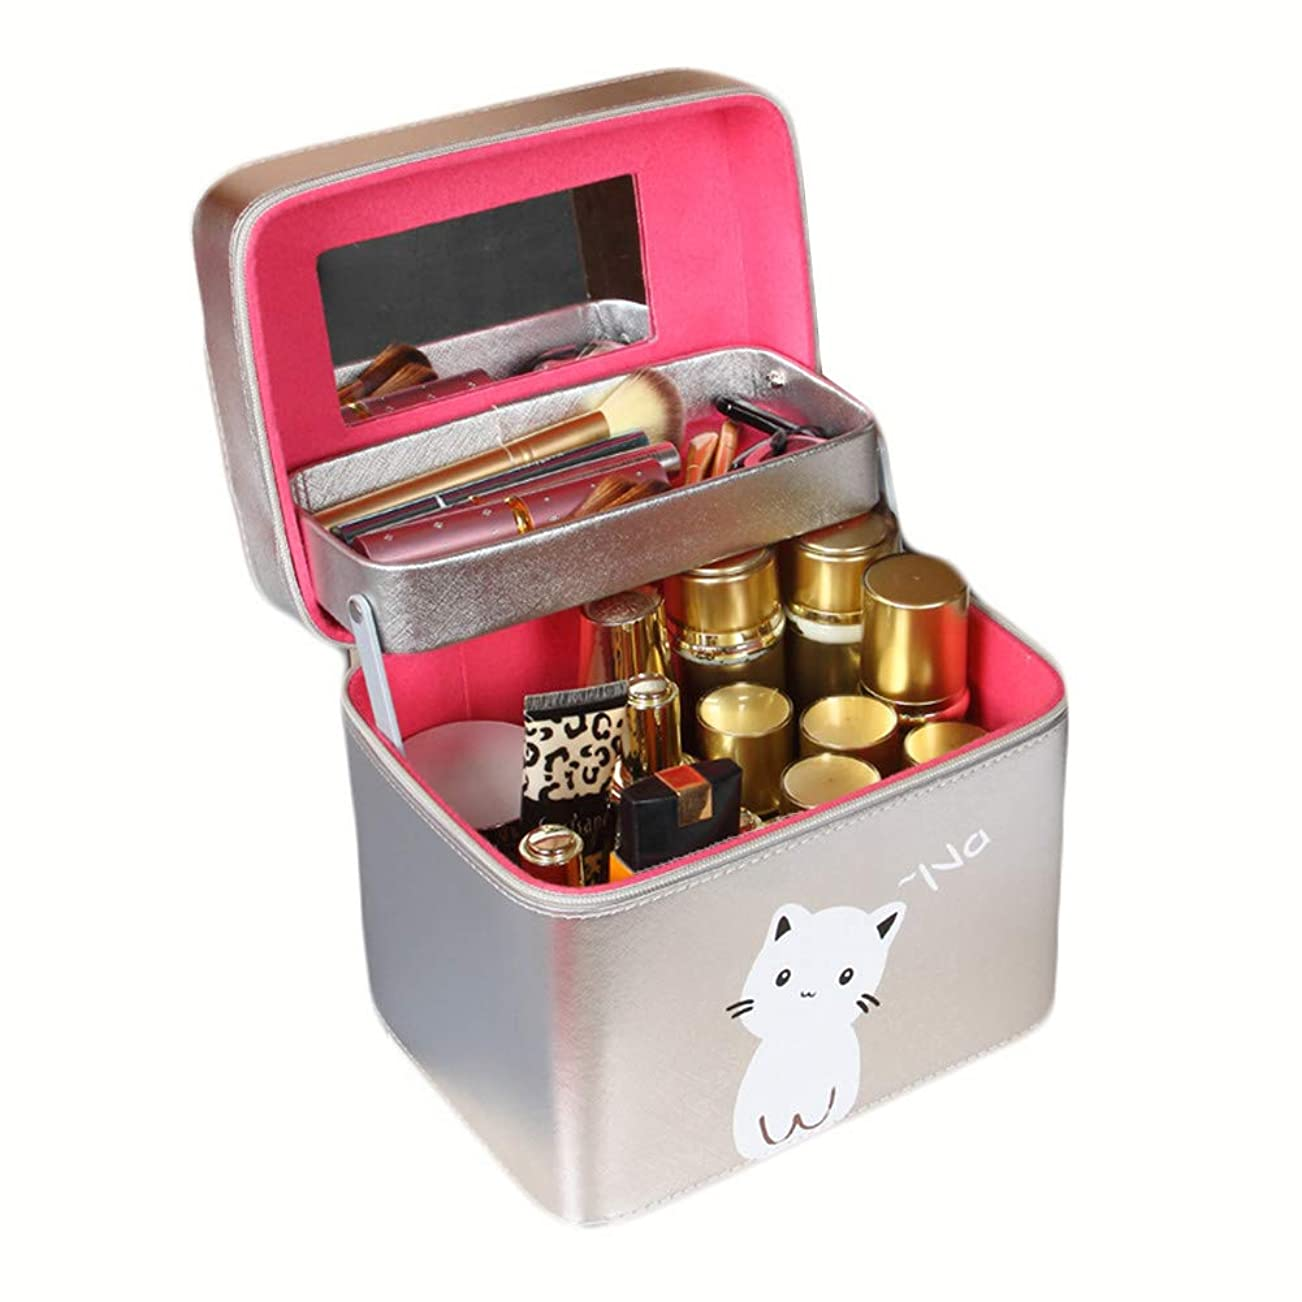 ショッキング固体同時[ディーハウ]メイクボックス 化粧ボックス 化粧道具 小物入れ収納ケース 収納ボックス 大容量 プロ用 コスメボックス 化粧道具入れ 携帯用化粧箱 女性 多機能 多容量 お洒落 化粧ボックス